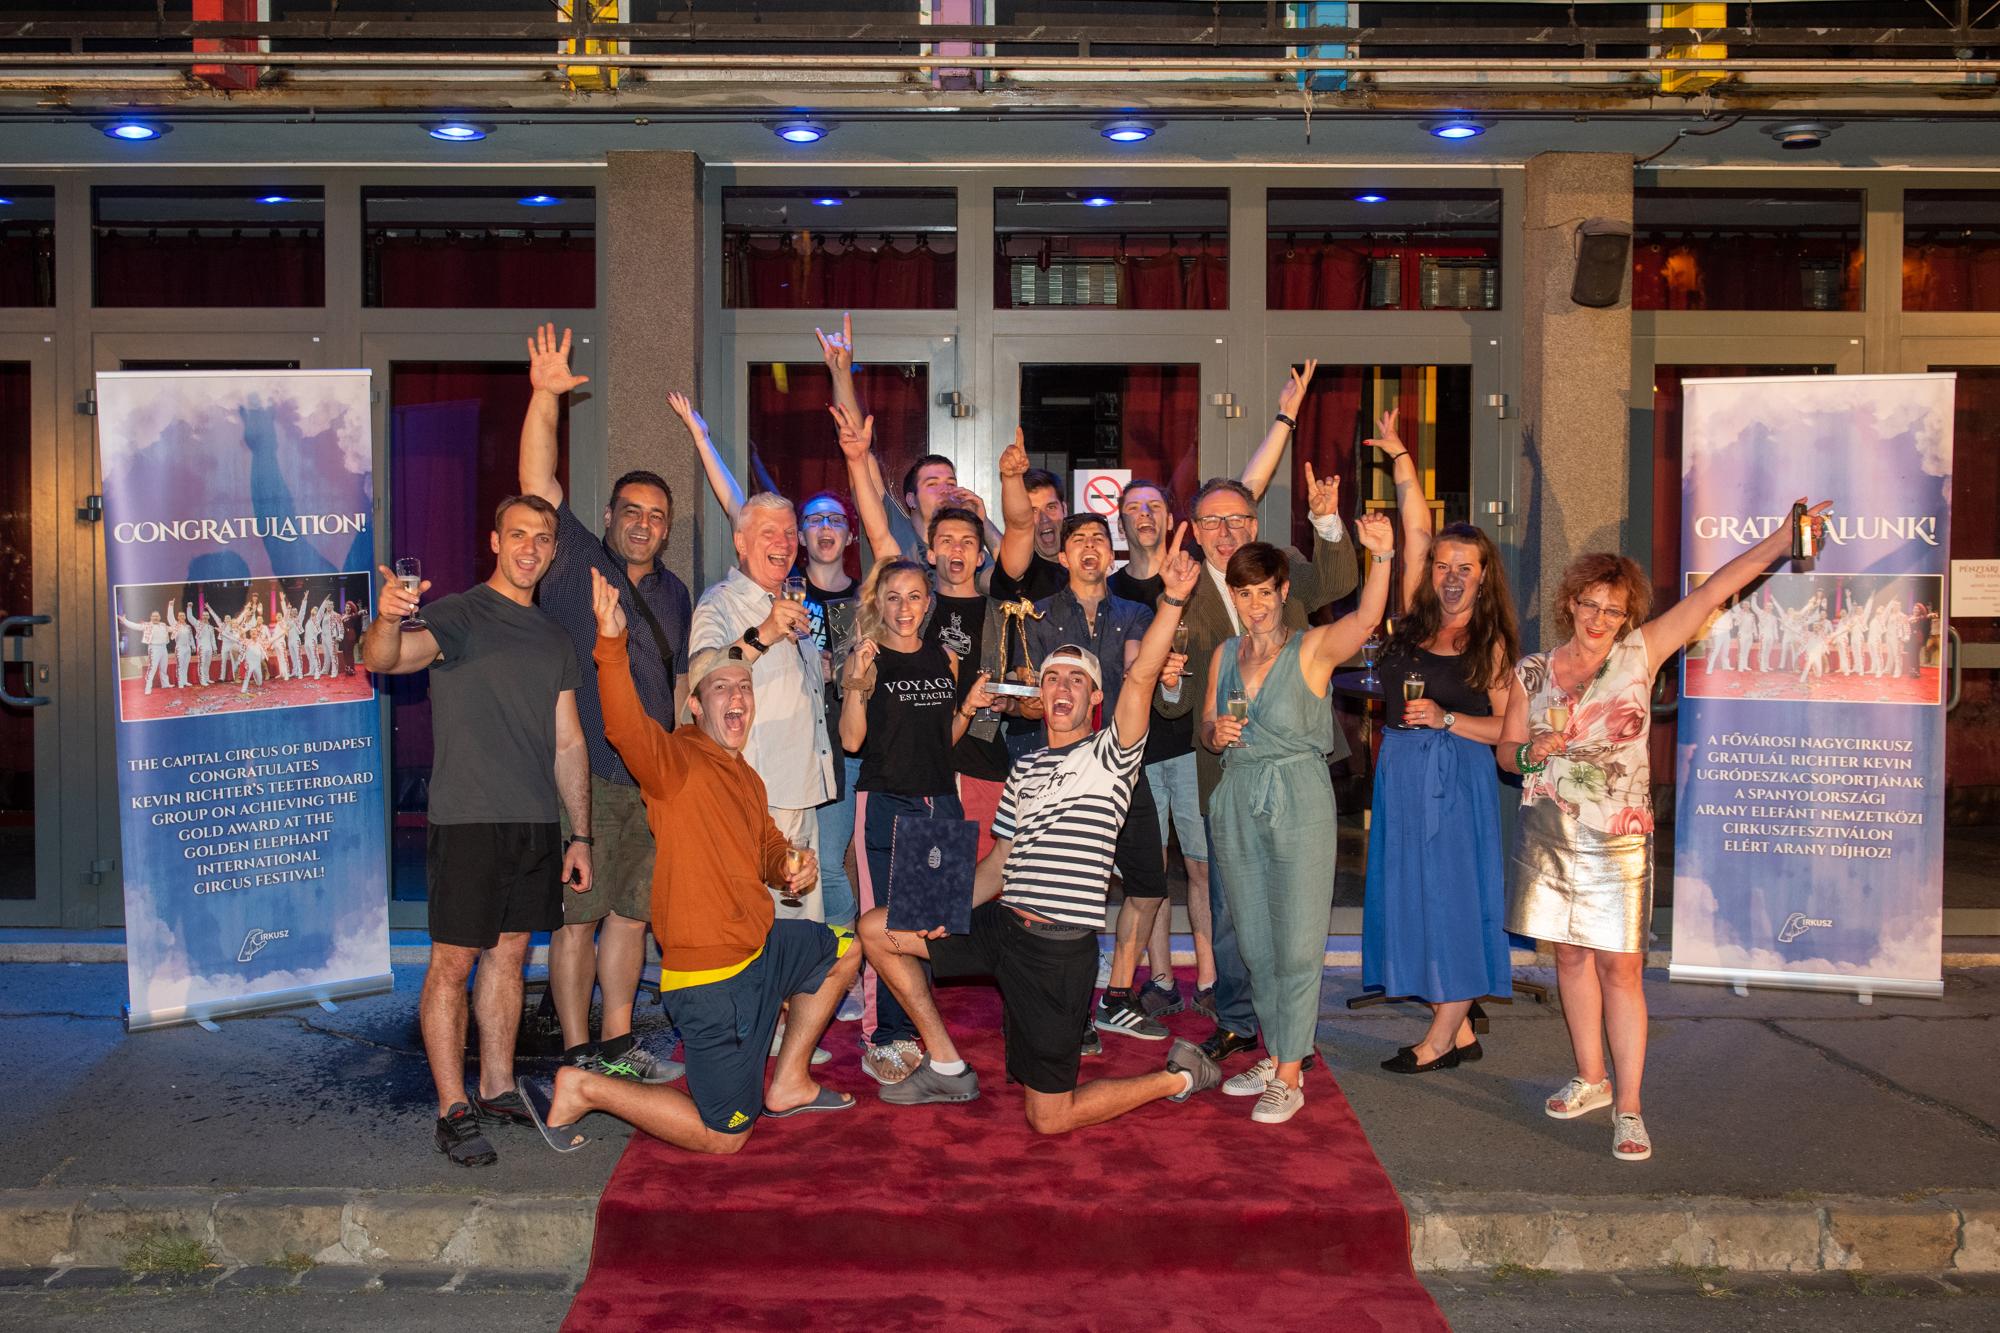 Arany-díjat nyert a Richter Kevin ugródeszka csoport a Gironai Nemzetközi Cirkuszfesztiválon